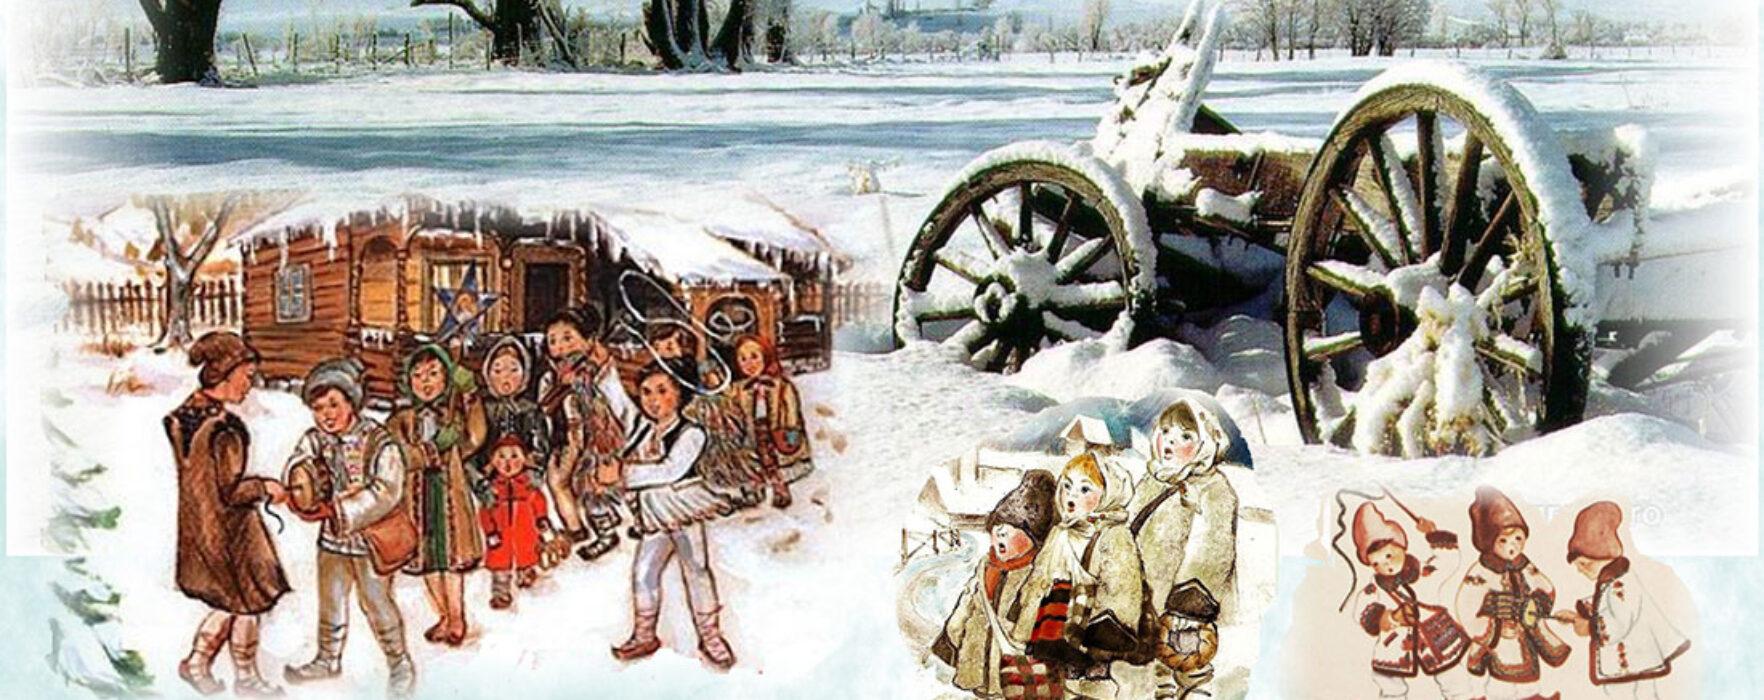 """""""Poveste de Crăciun"""", concert de colinde la Muzeul de Istorie Târgovişte"""